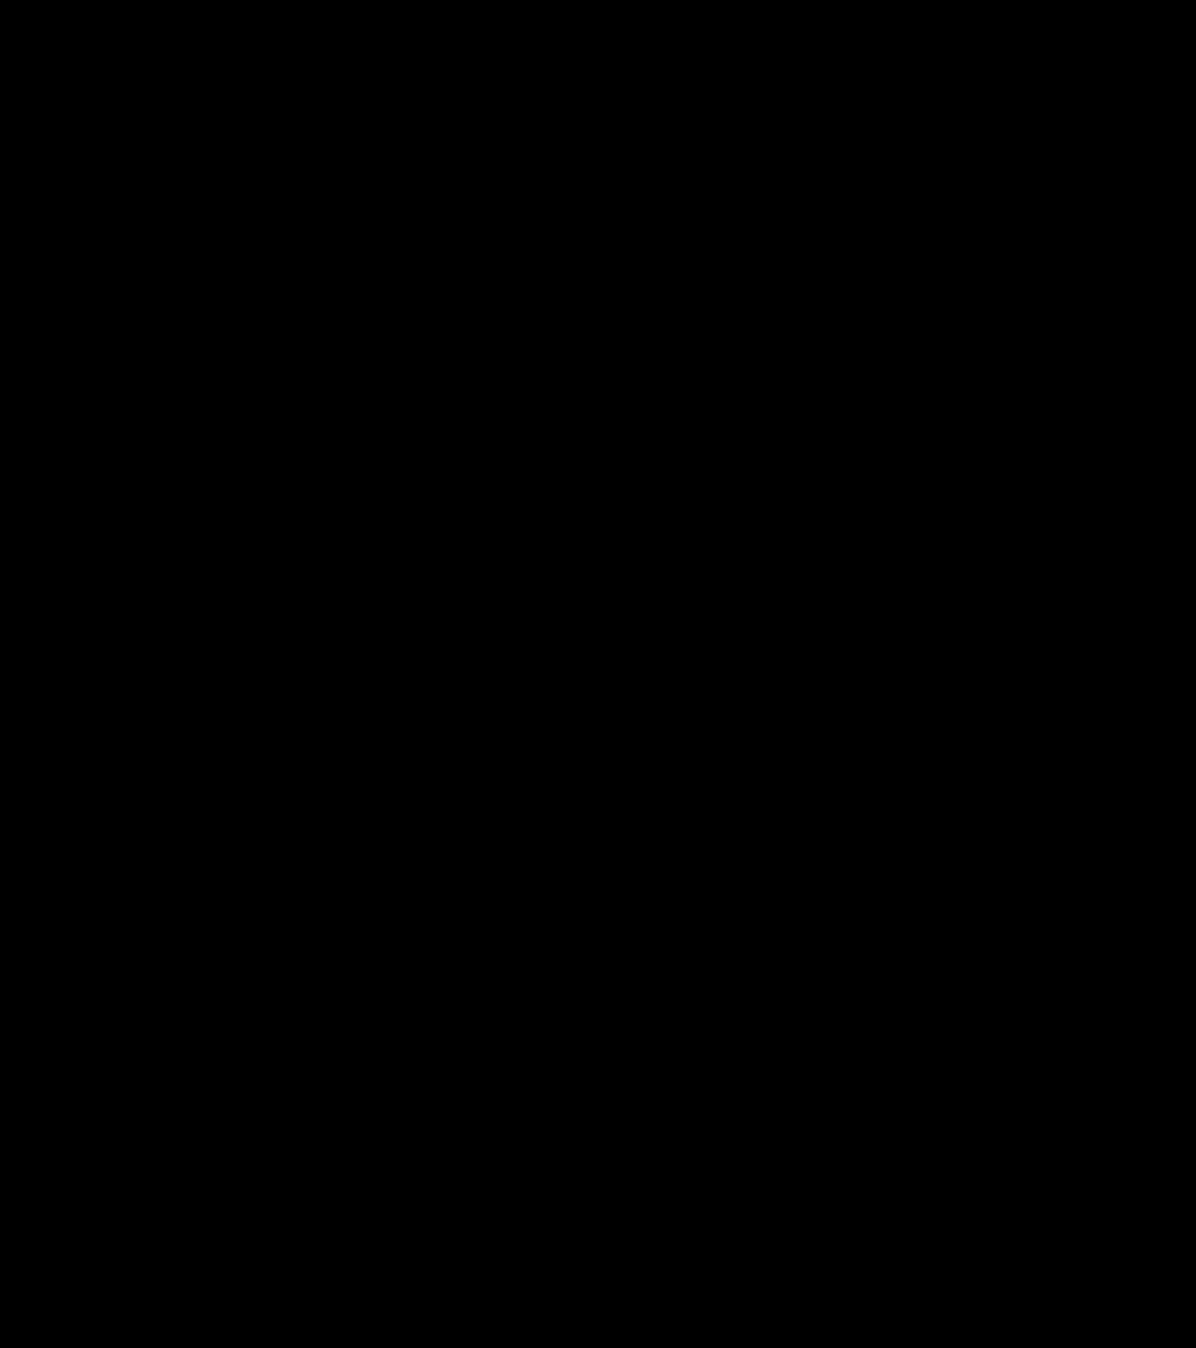 rectangle-overlay-for-blog